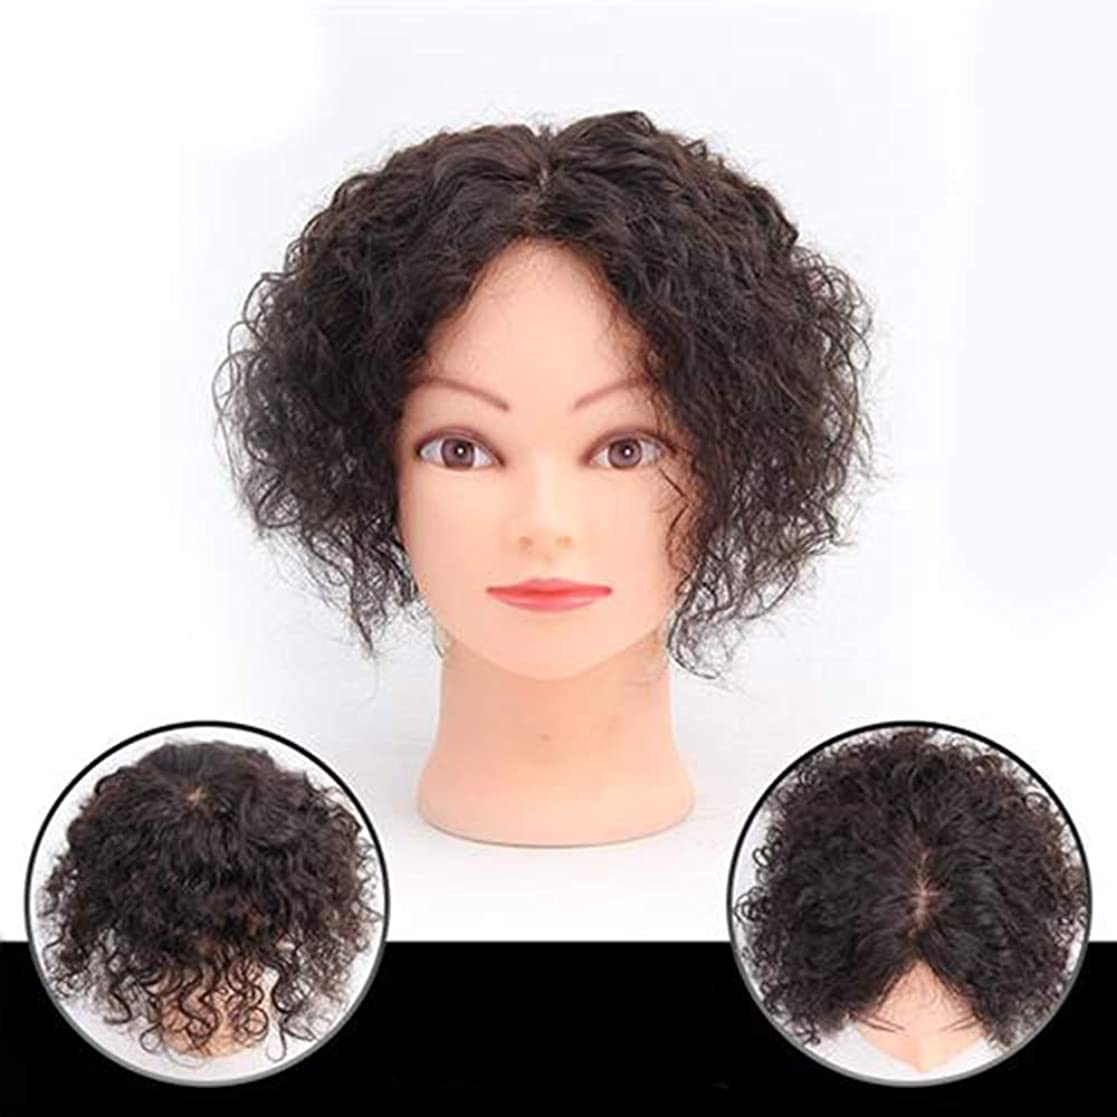 ストリームキャンセル荒れ地かつら 女性の短い巻き毛ふわふわナチュラルかつらハンドニードルリアルヘアカバー白髪日常服ファッションウィッグ (色 : Natural color, サイズ : 30cm)